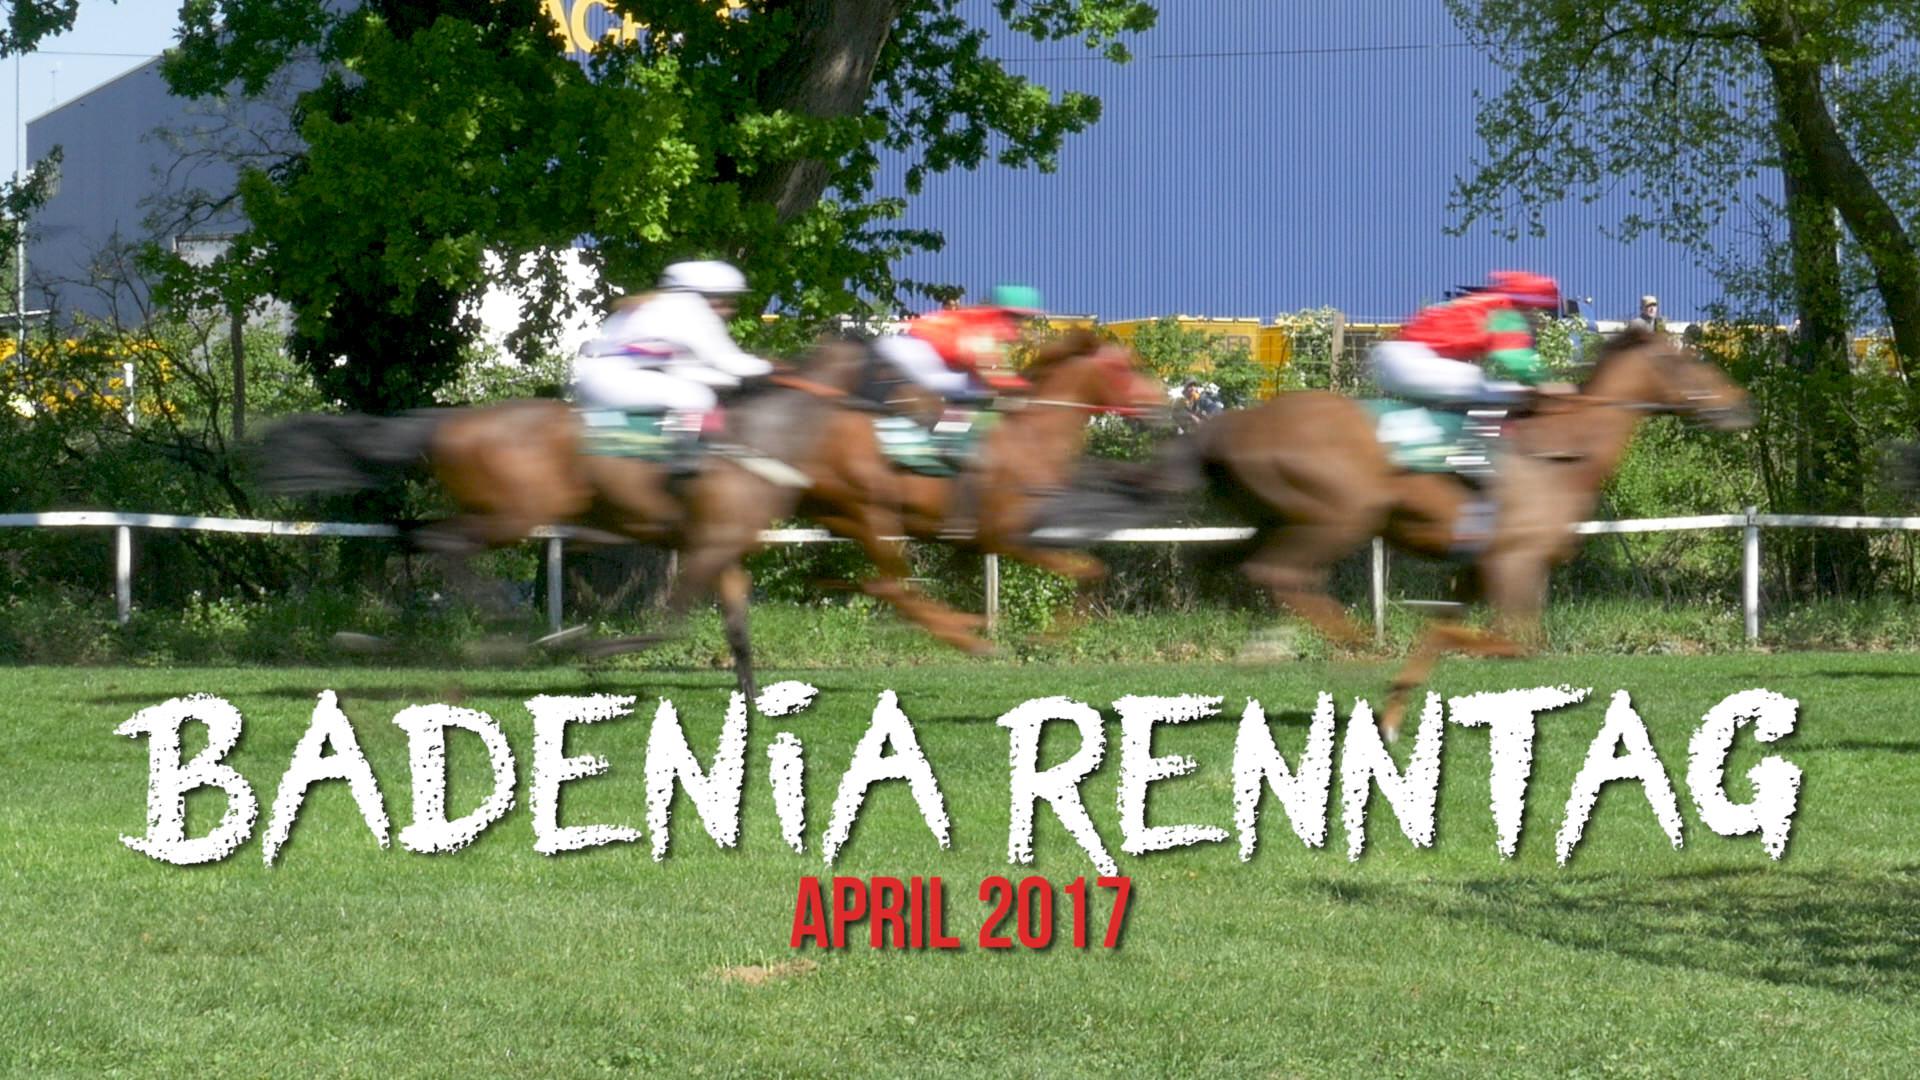 Badenia Renntag 2017